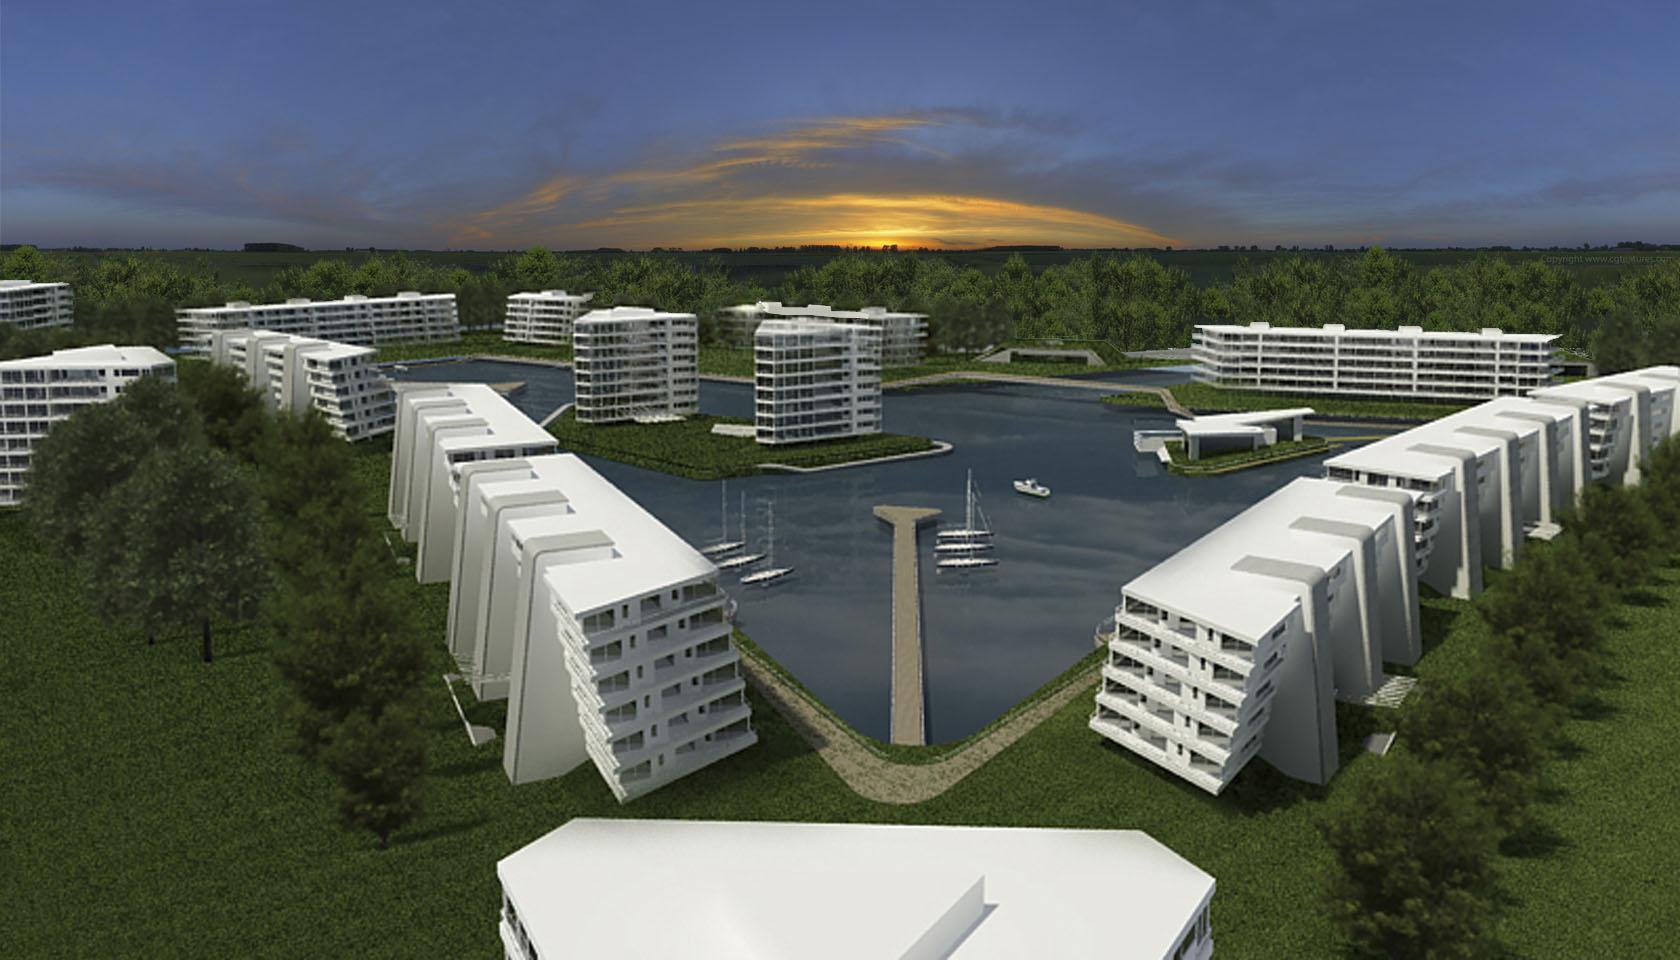 Complejo de vivienda en Nordelta, edificios con visuales al lago